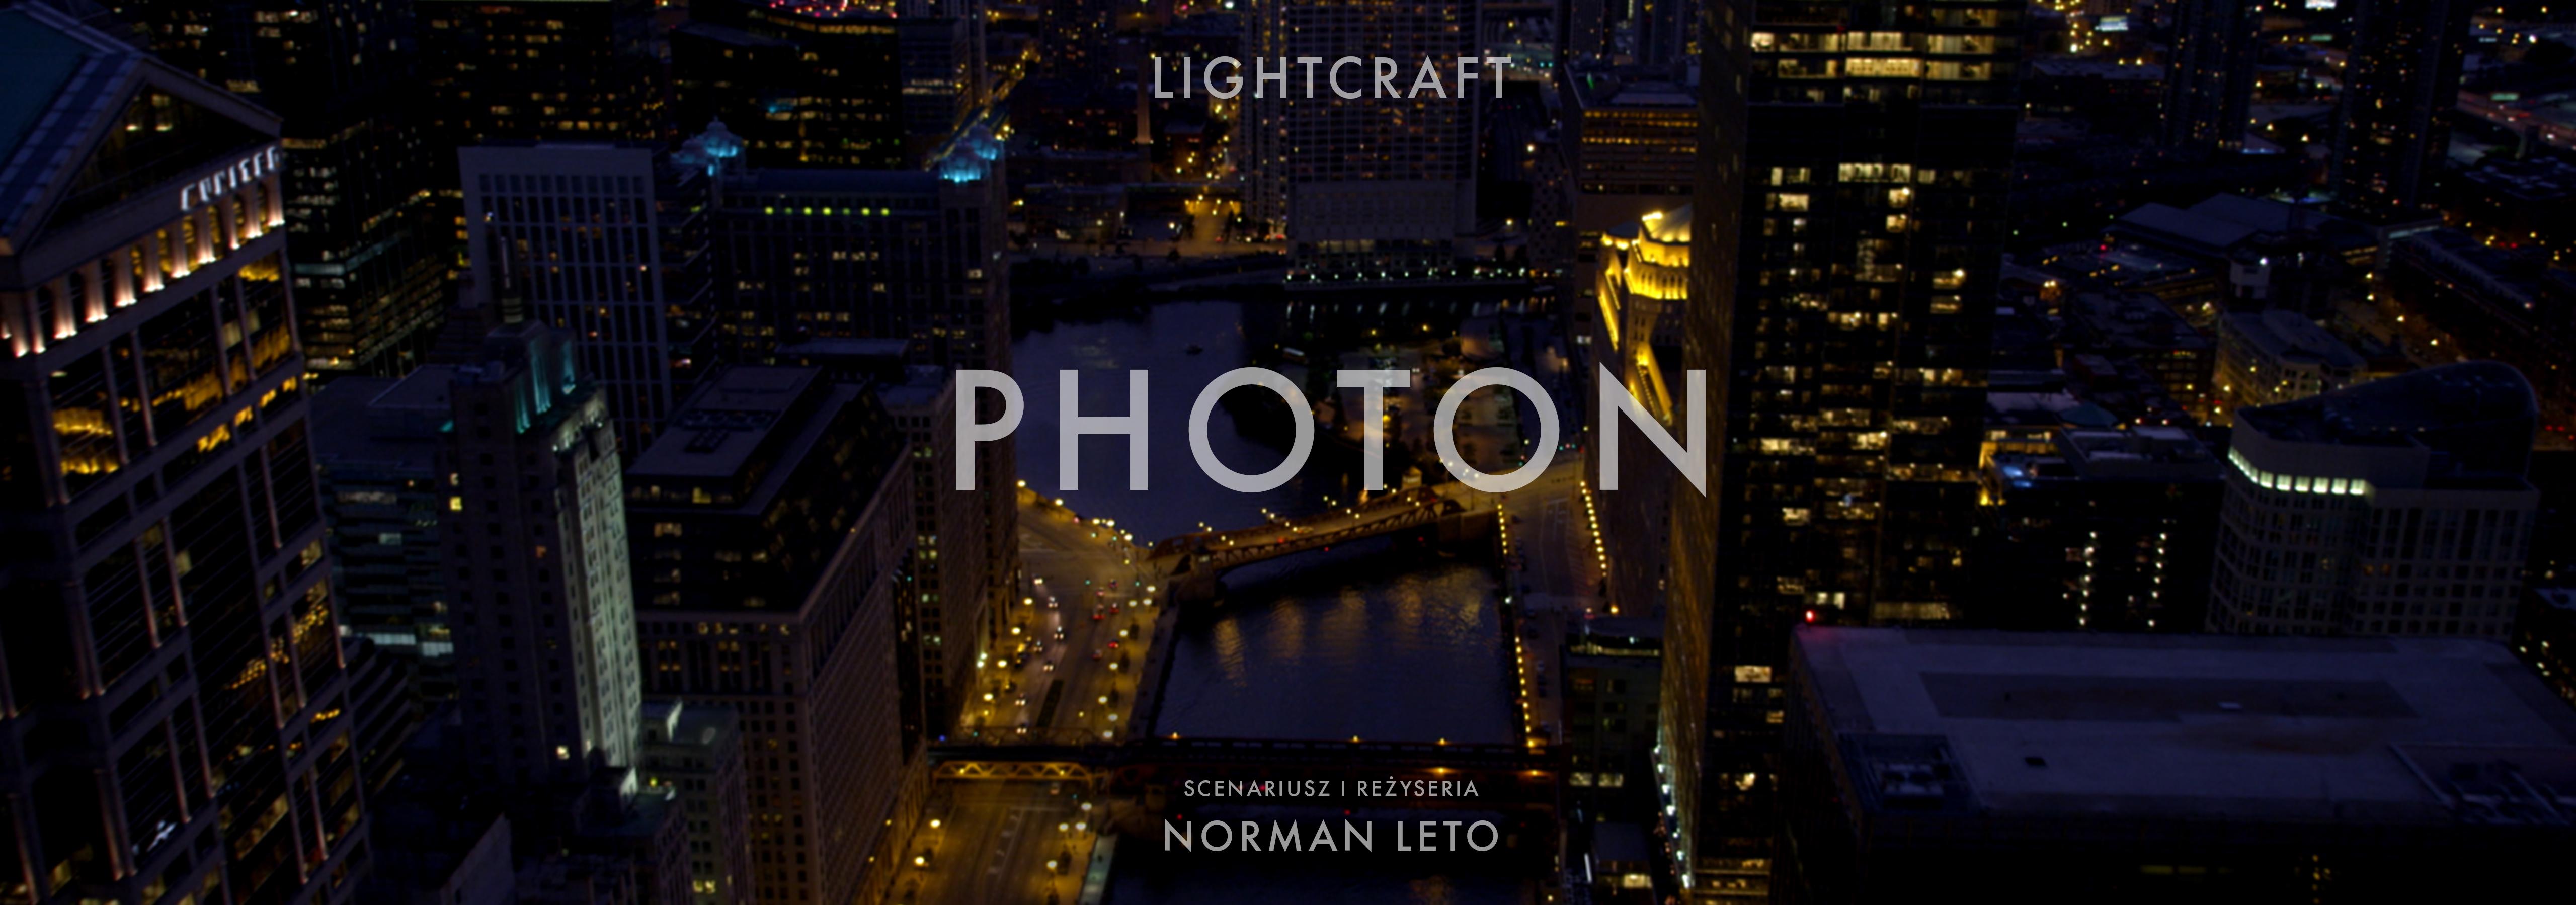 Photon w konkursie głównym na Nowych Horyzontach